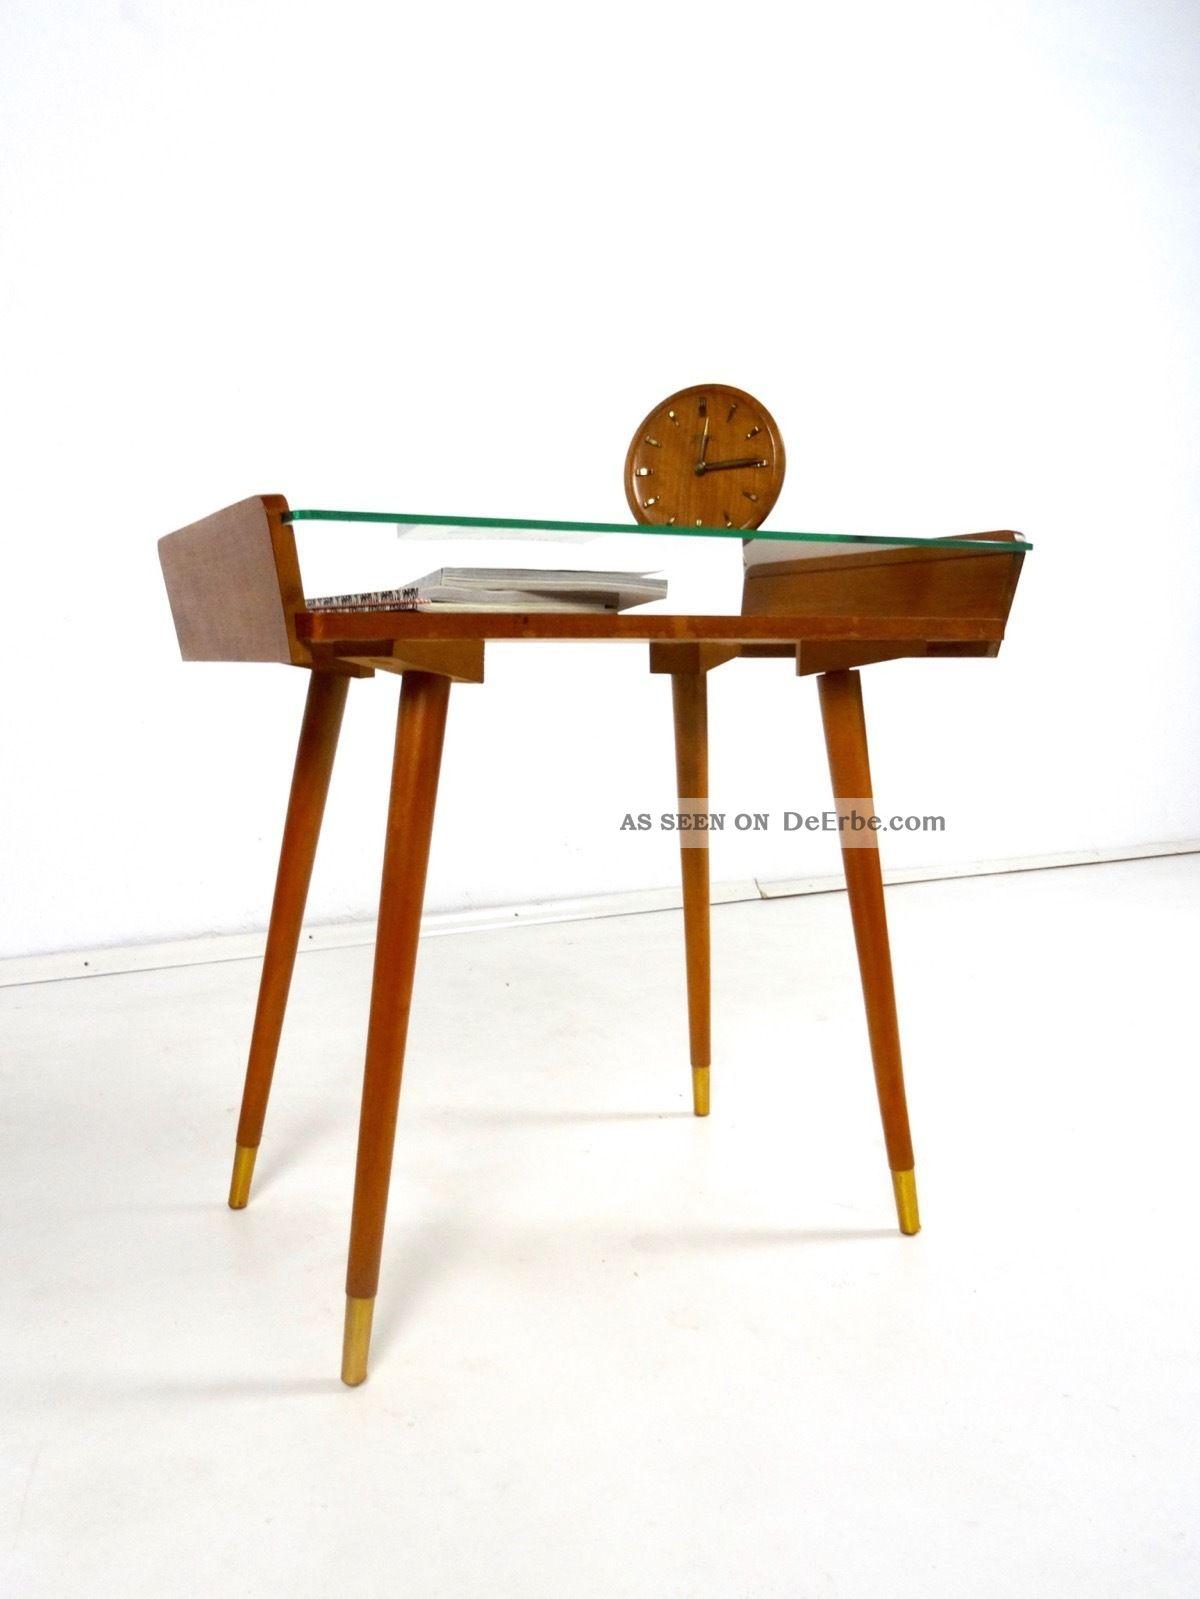 Seltener 50er Vintage Beistelltisch 60er Danish Modern Mid Century Tischchen 1950-1959 Bild